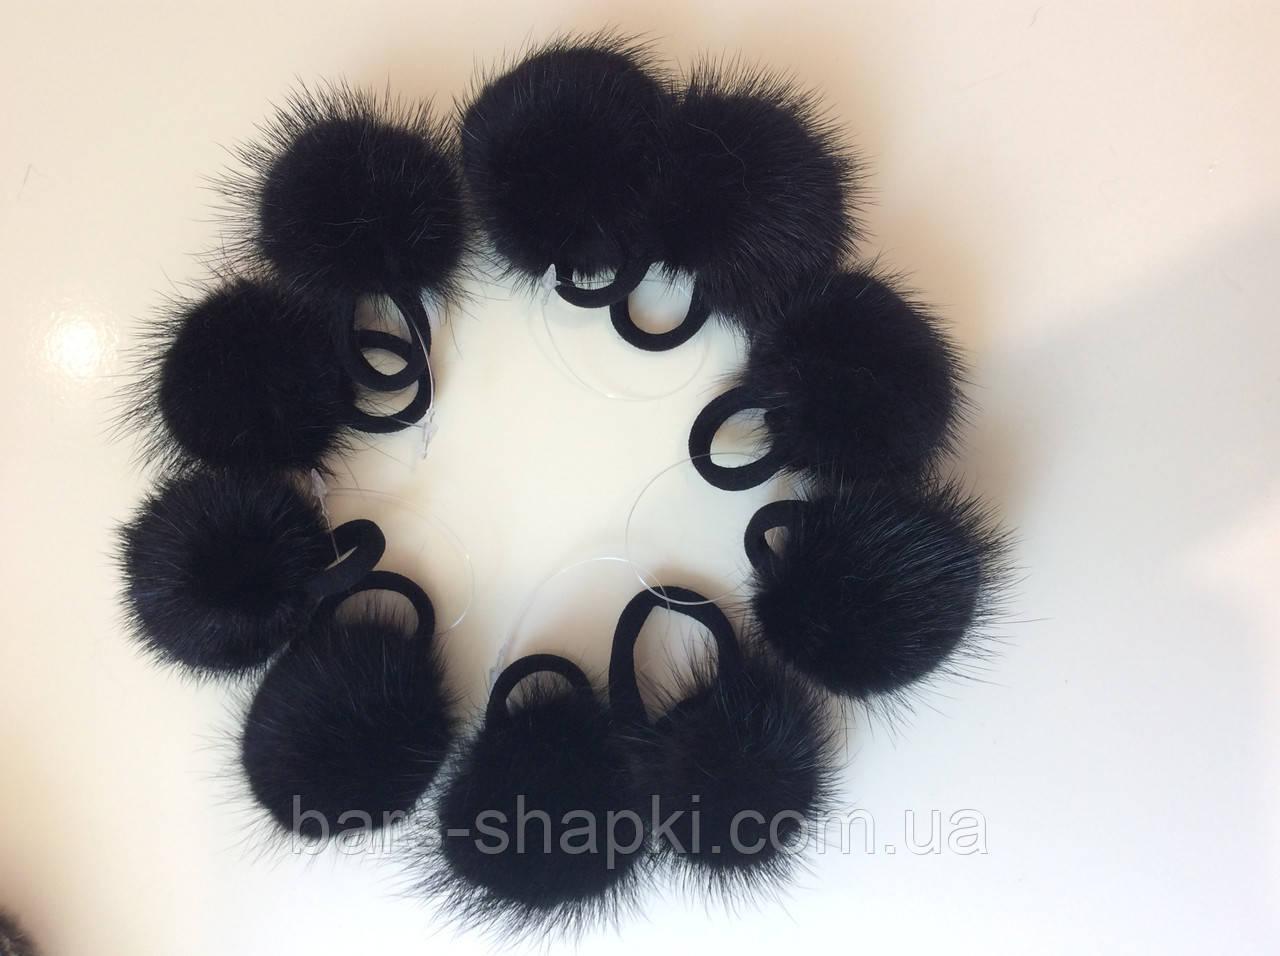 Меховые резиночки для волос за 10 шт